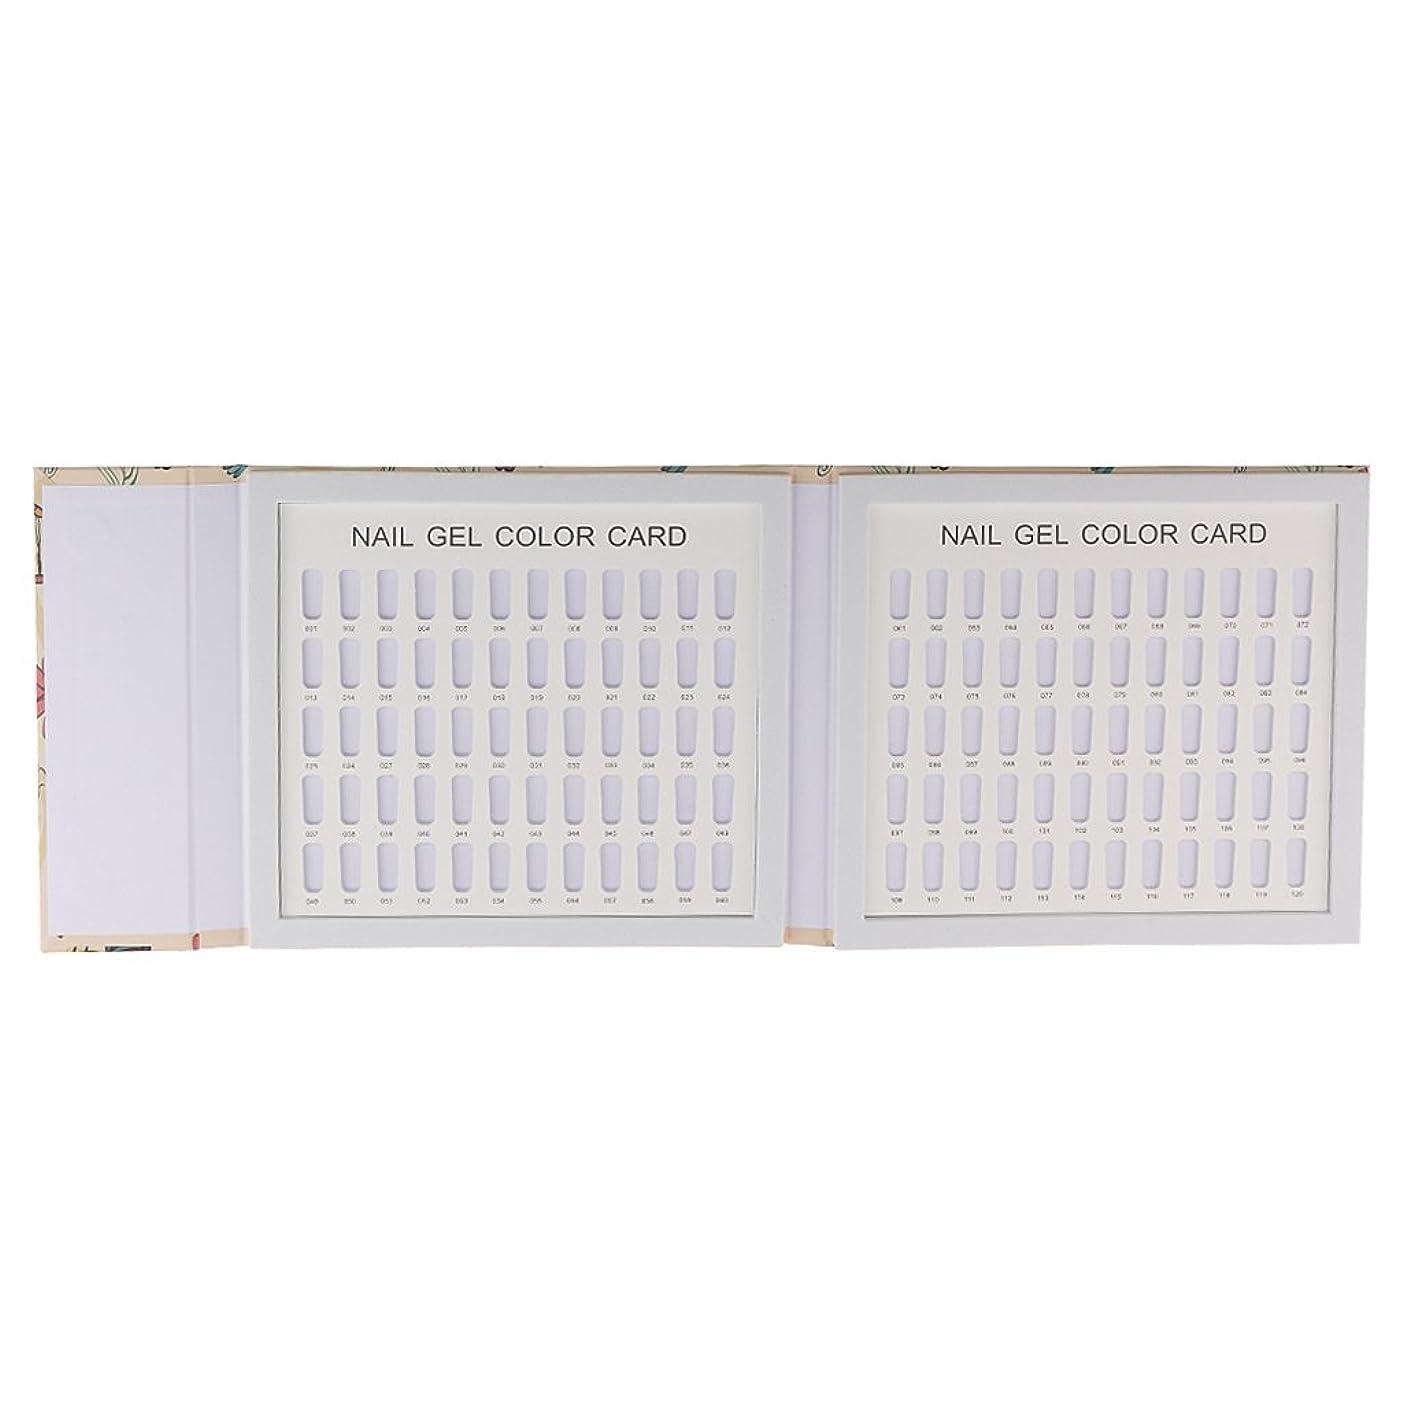 断片利益小切手Sharplace サロン ネイルアート マニキュア 表示 ボード ブック チャート パレット 全3種 - 120色#01